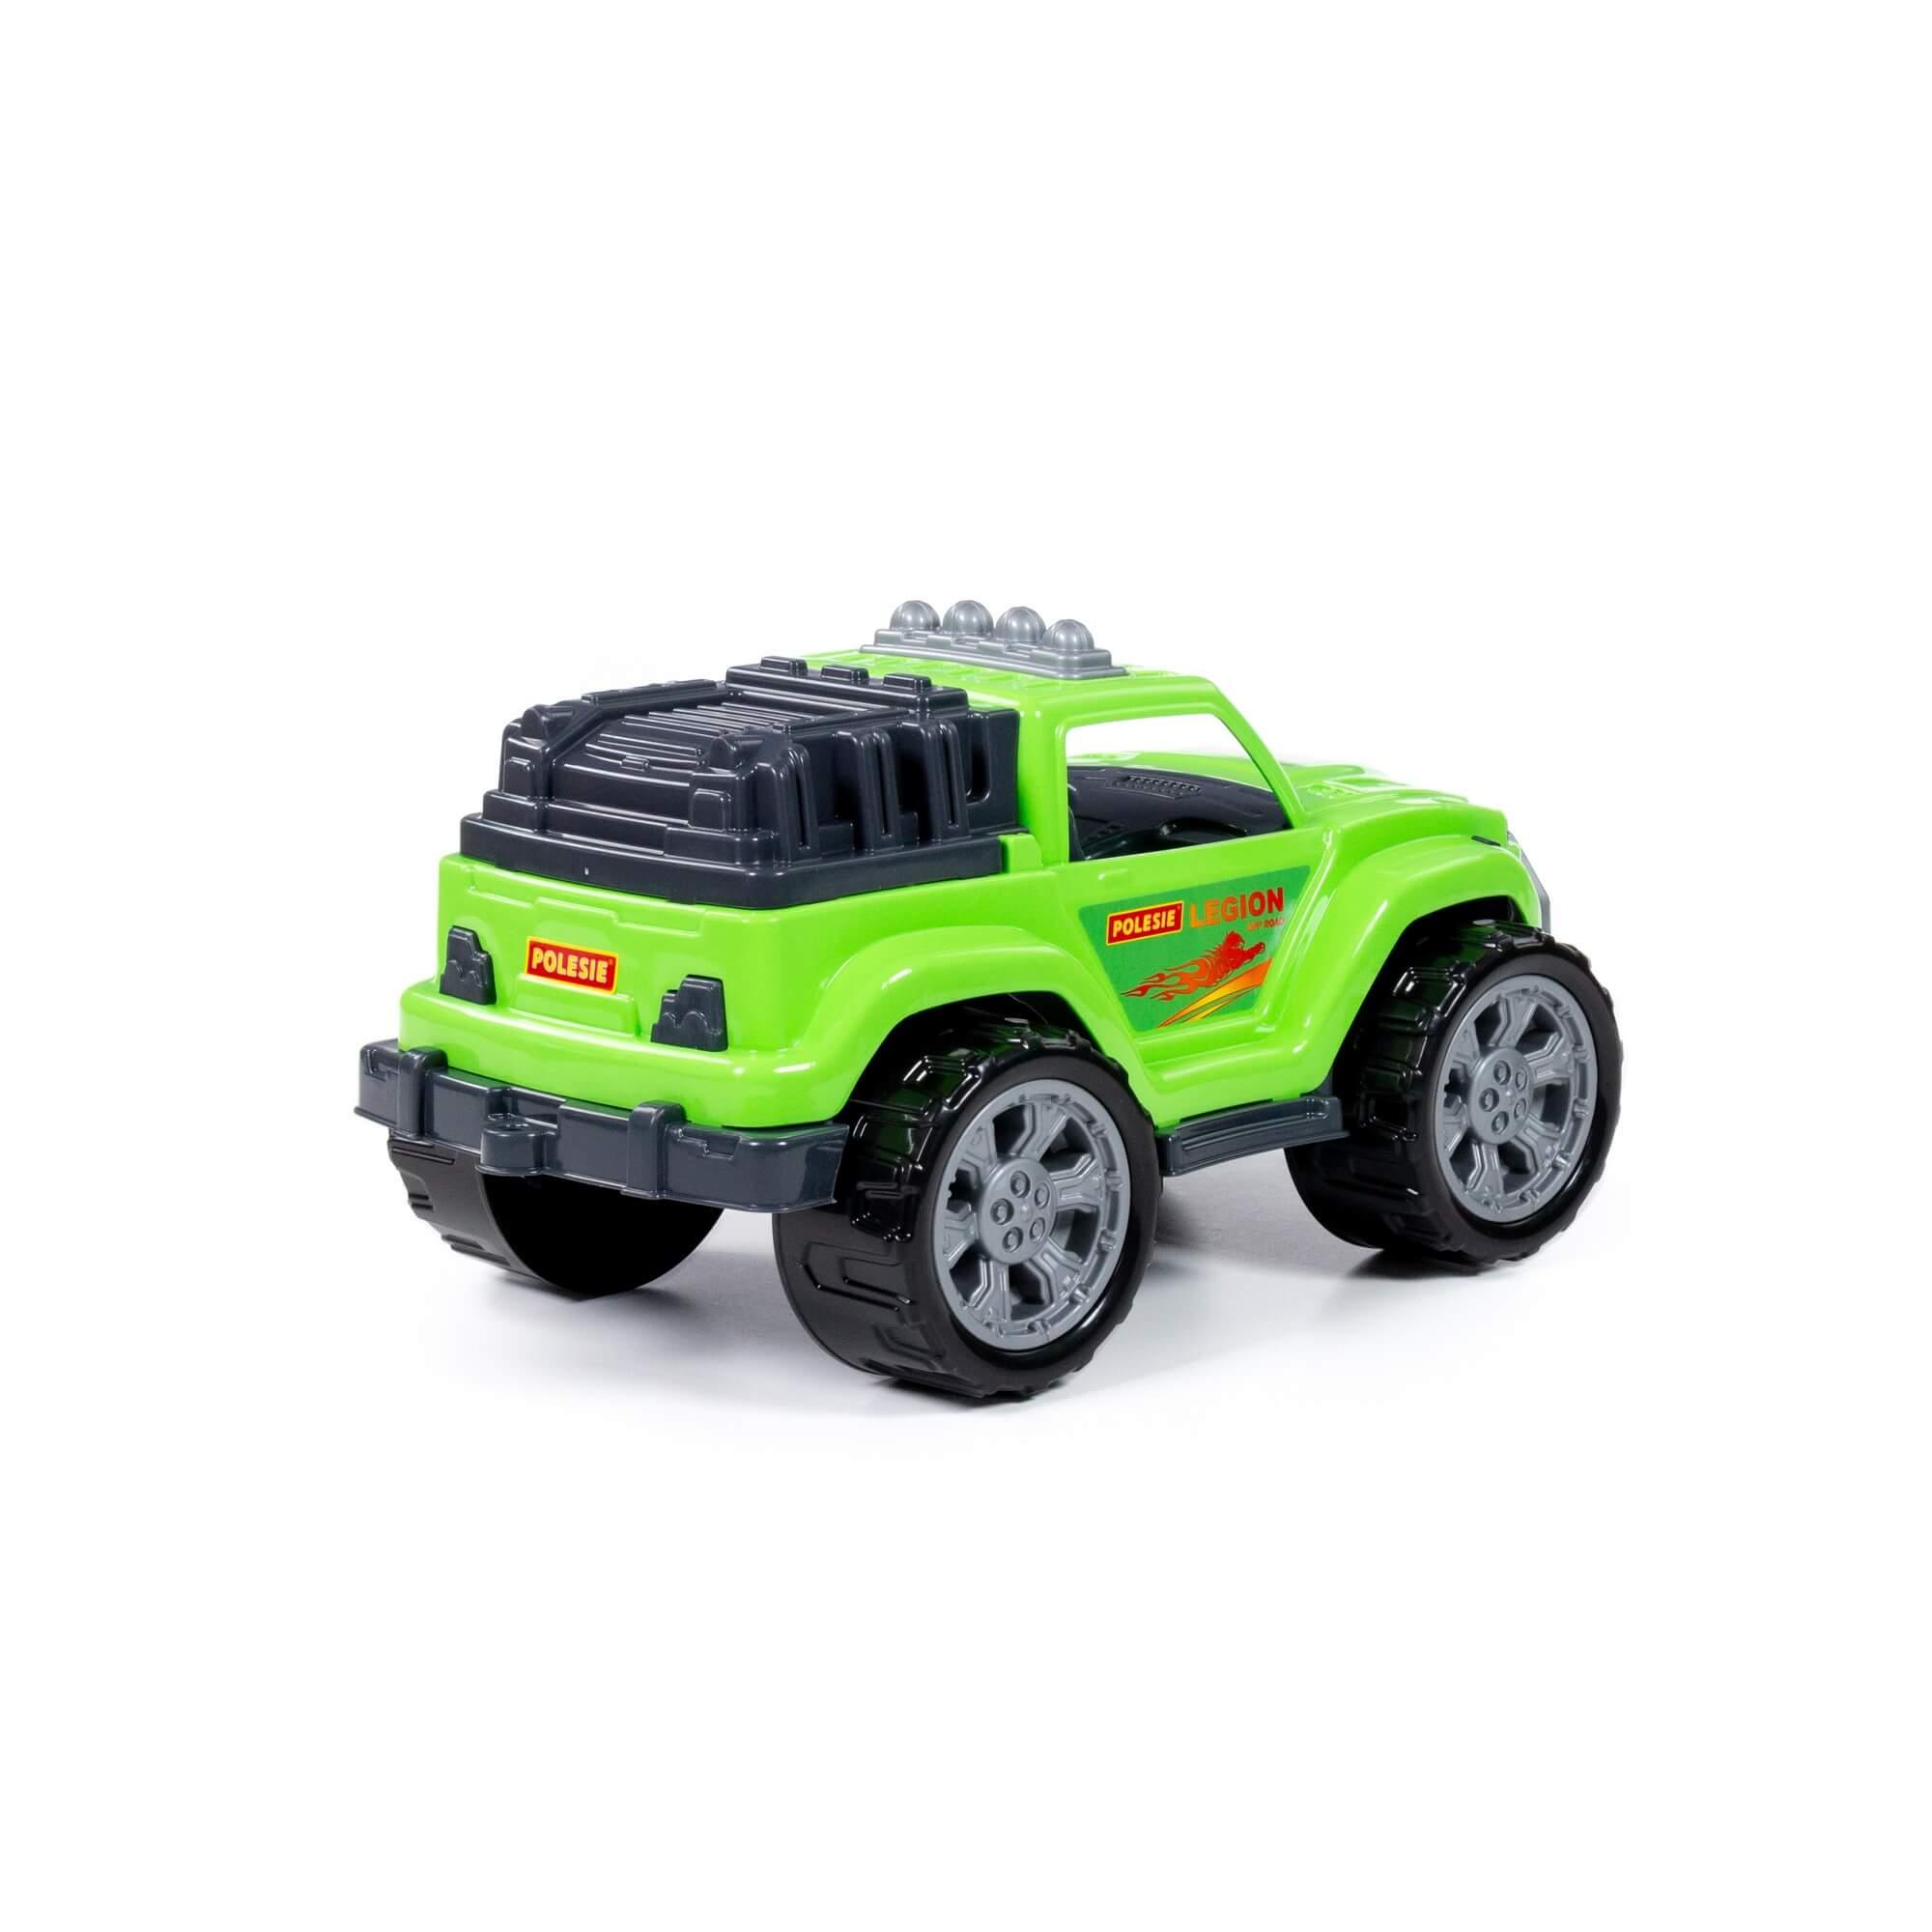 Lejyon, otomobil No:4 (yeşil) (filede) Ref. 89076 - photo #4